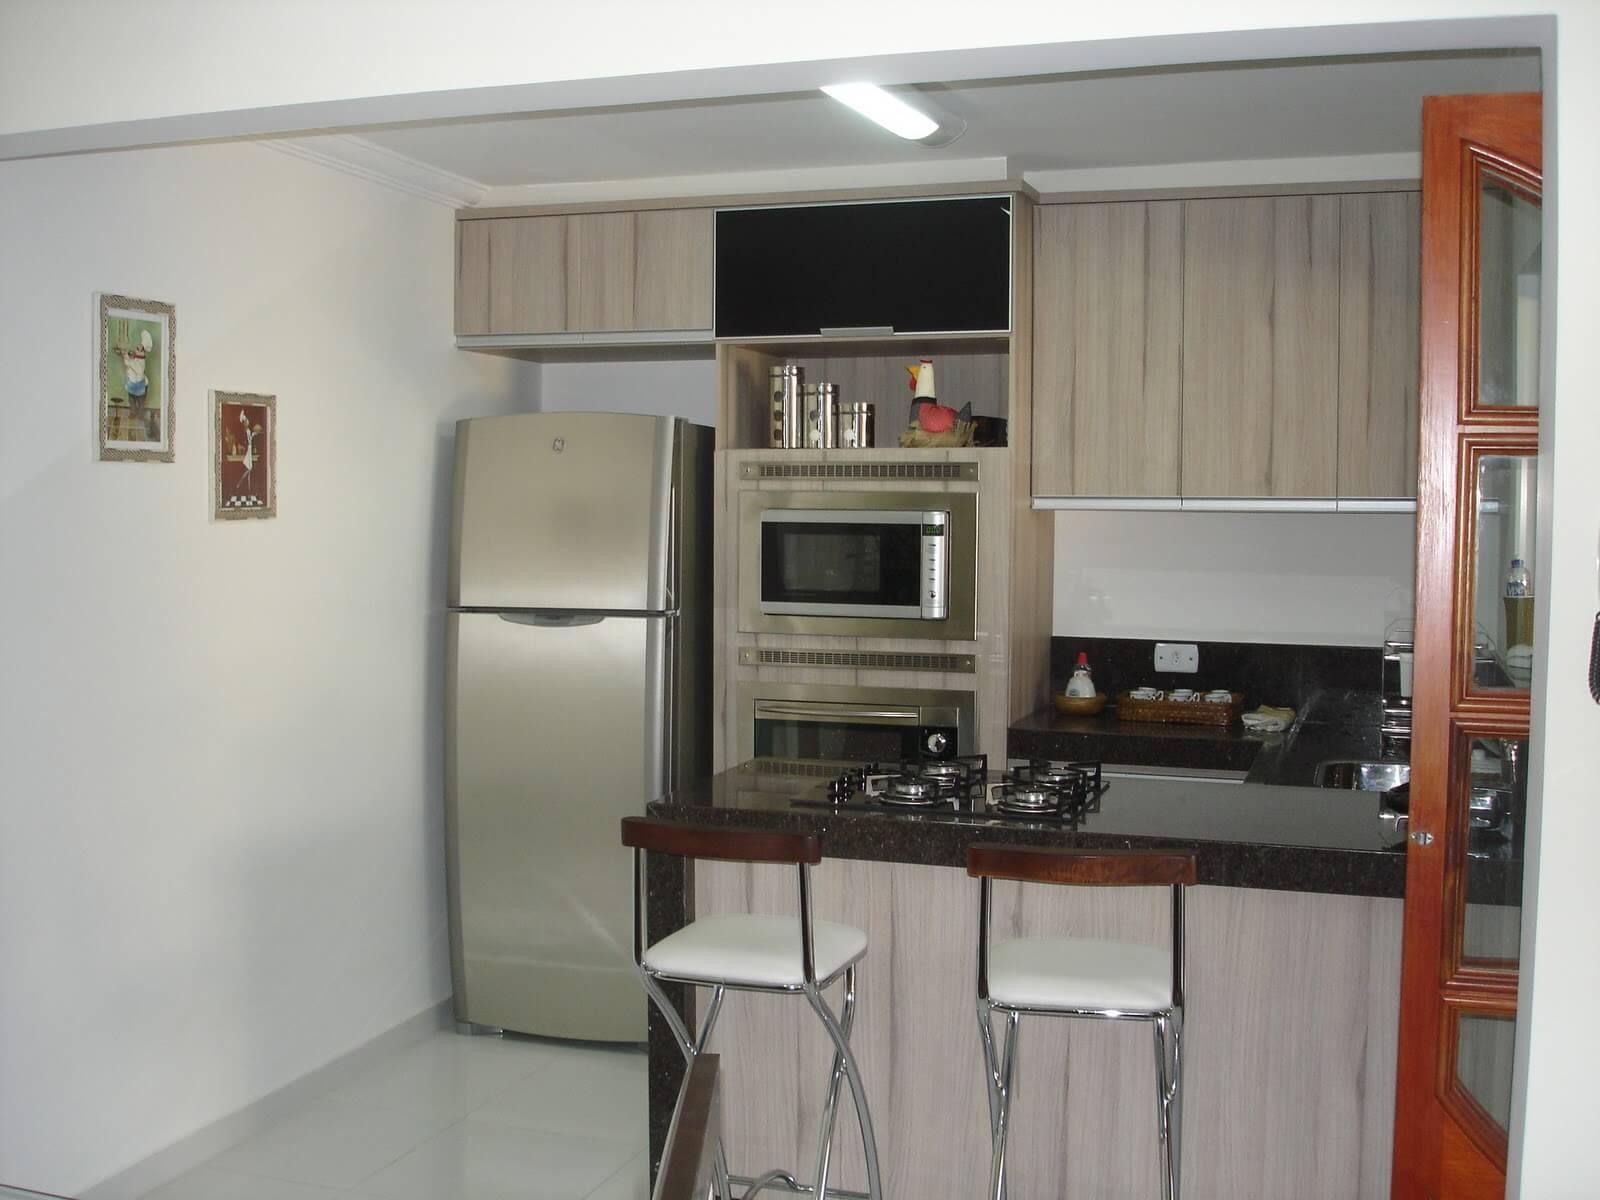 Modelos De Cozinha Americana Ideias Simples E Pr Ticas Jet Dicas -> Sala Simples Projetada